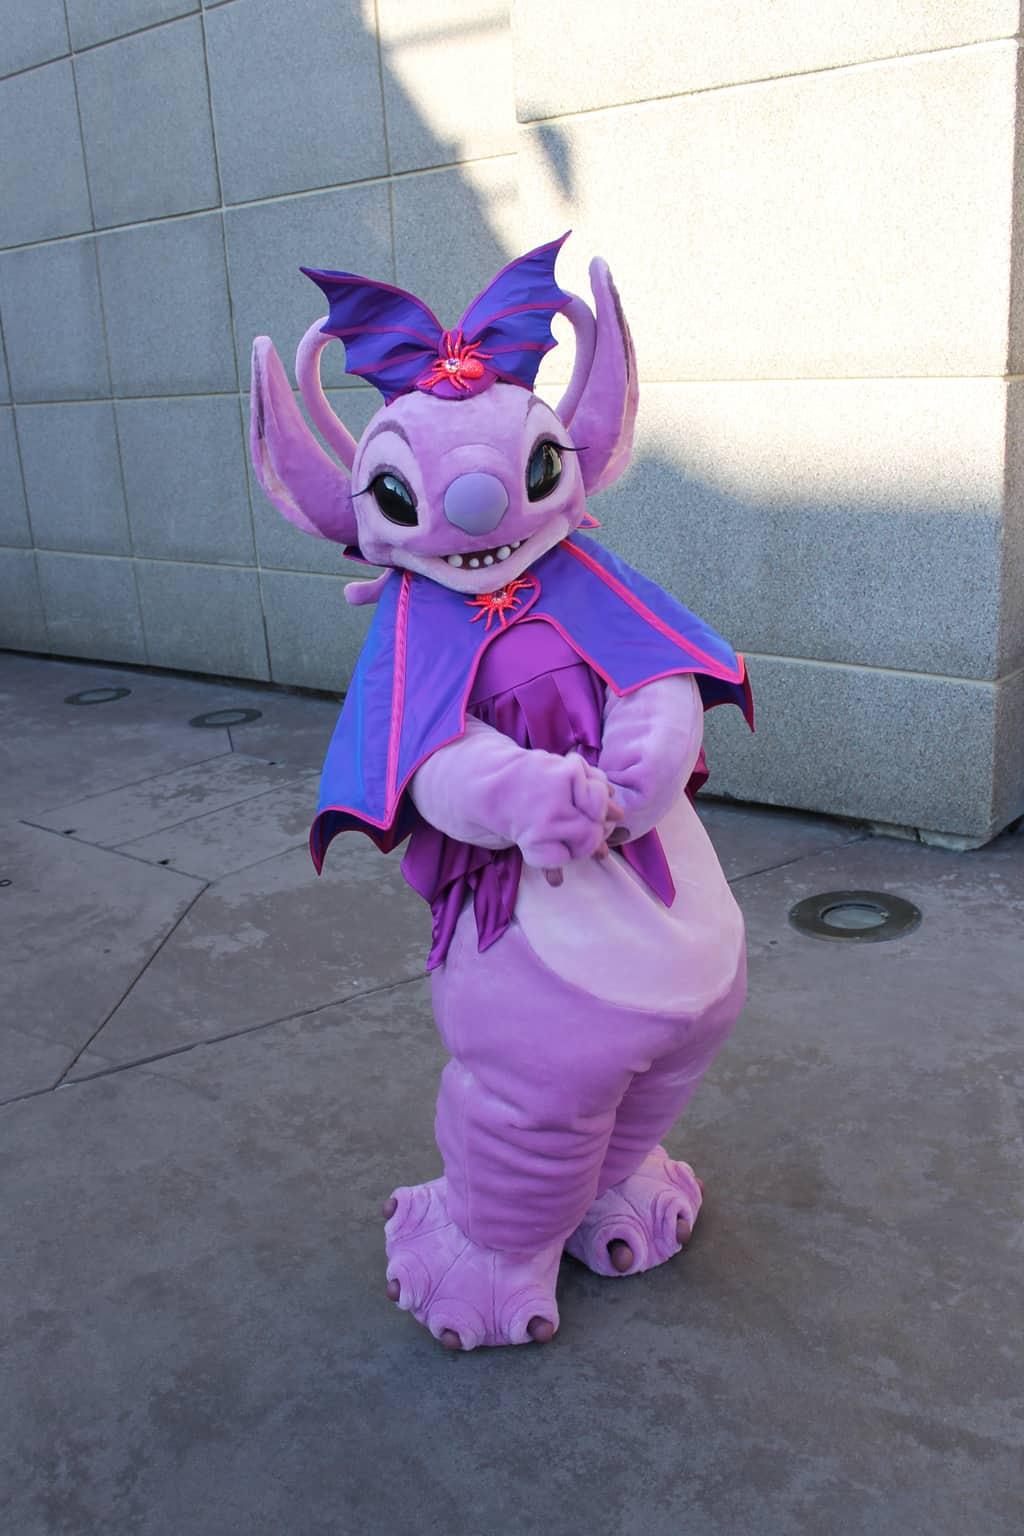 Angel Disneyland Paris meet and greet